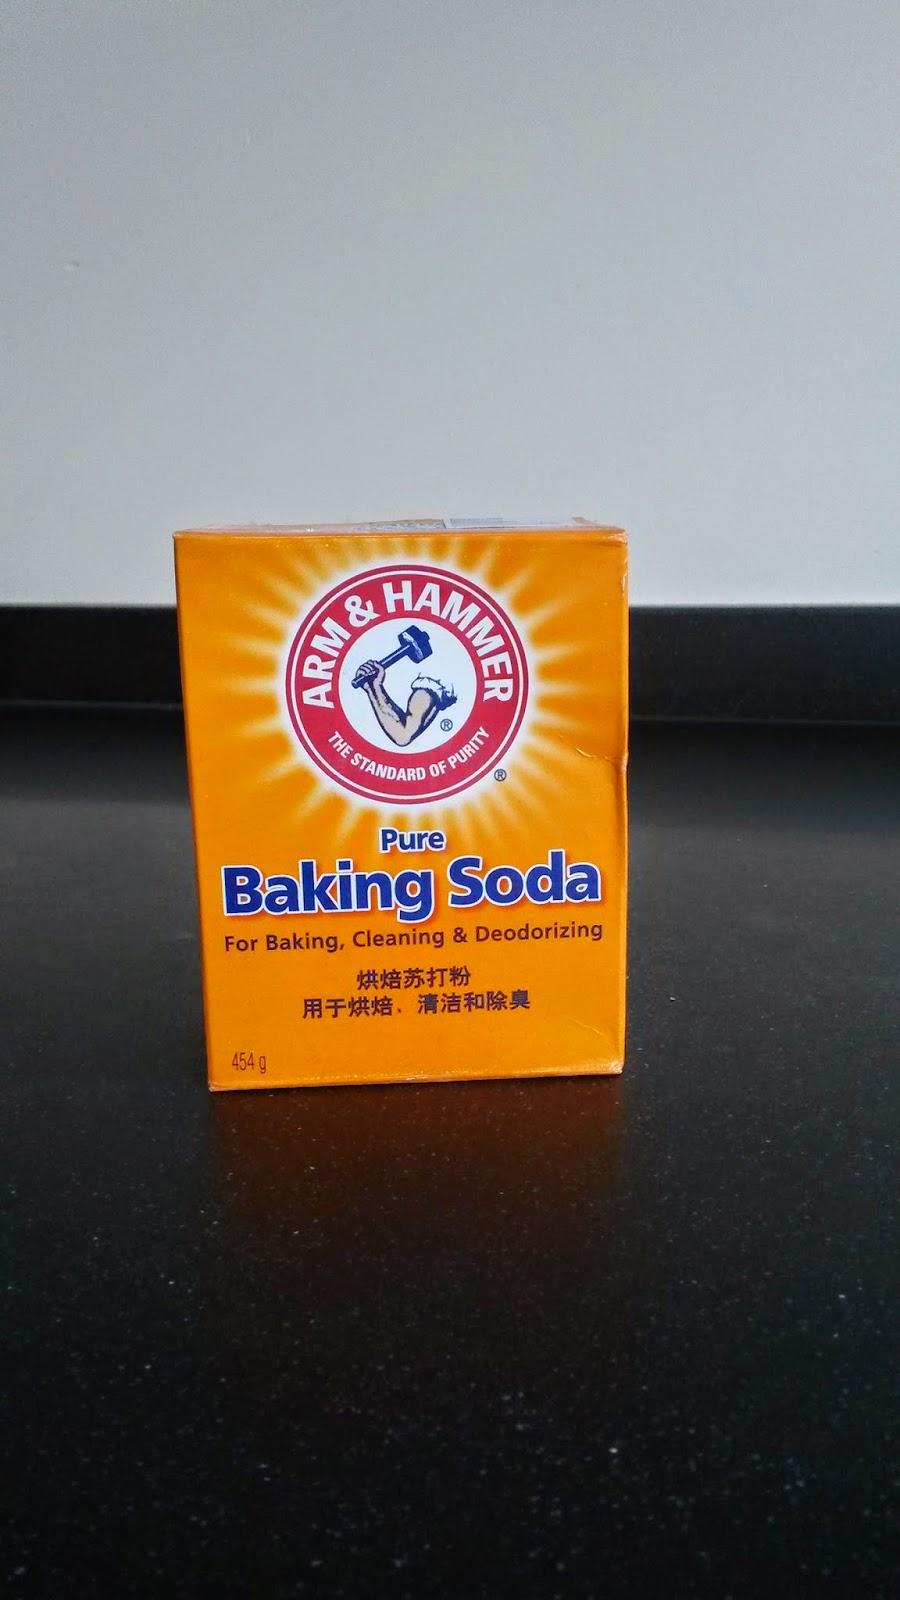 Voegen Badkamer Schoonmaken Soda: Fris baking soda blog. Fris ...